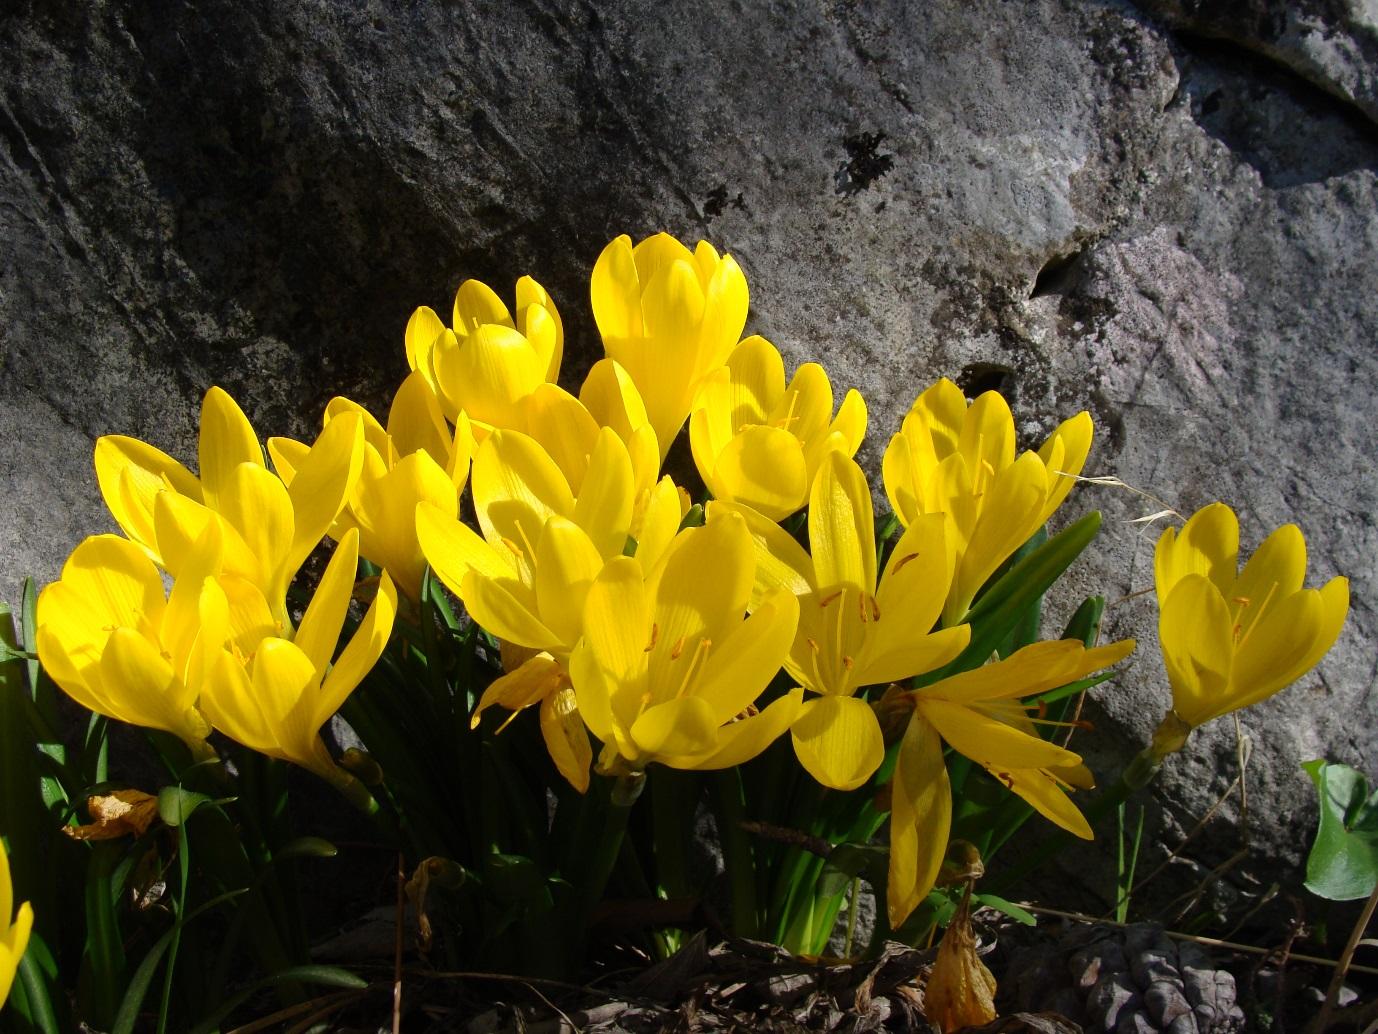 Common Sternbergia - Sternbergia lutea ©Tony Hall